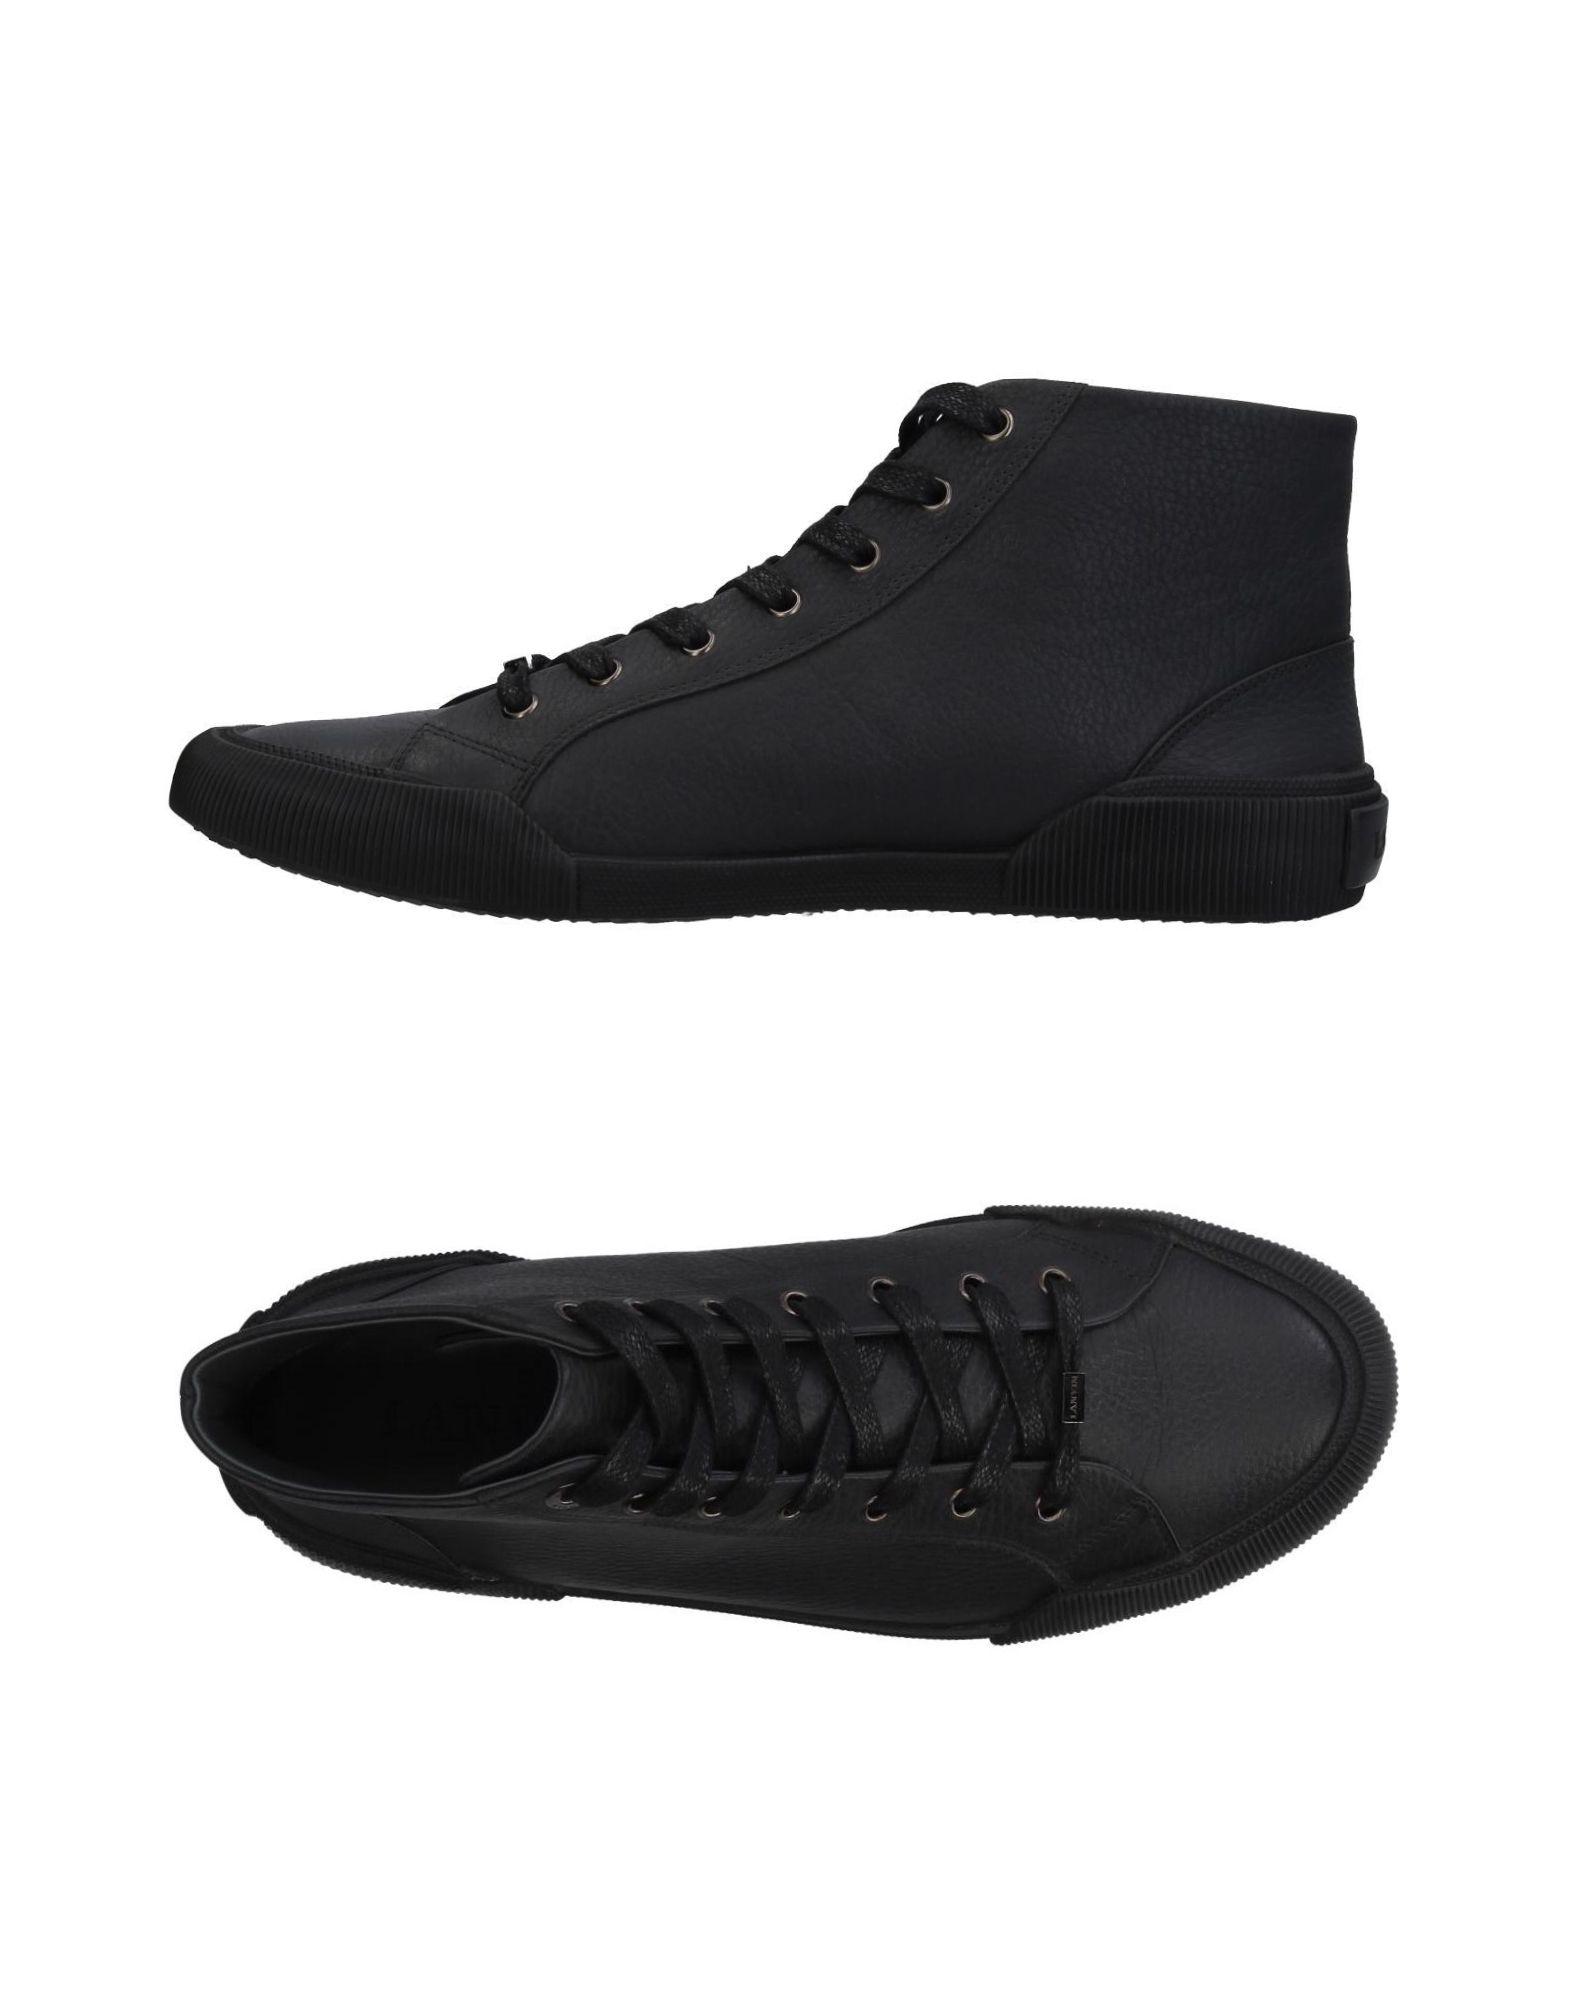 Lanvin Sneakers Herren  11405971KF Gute Qualität beliebte Schuhe